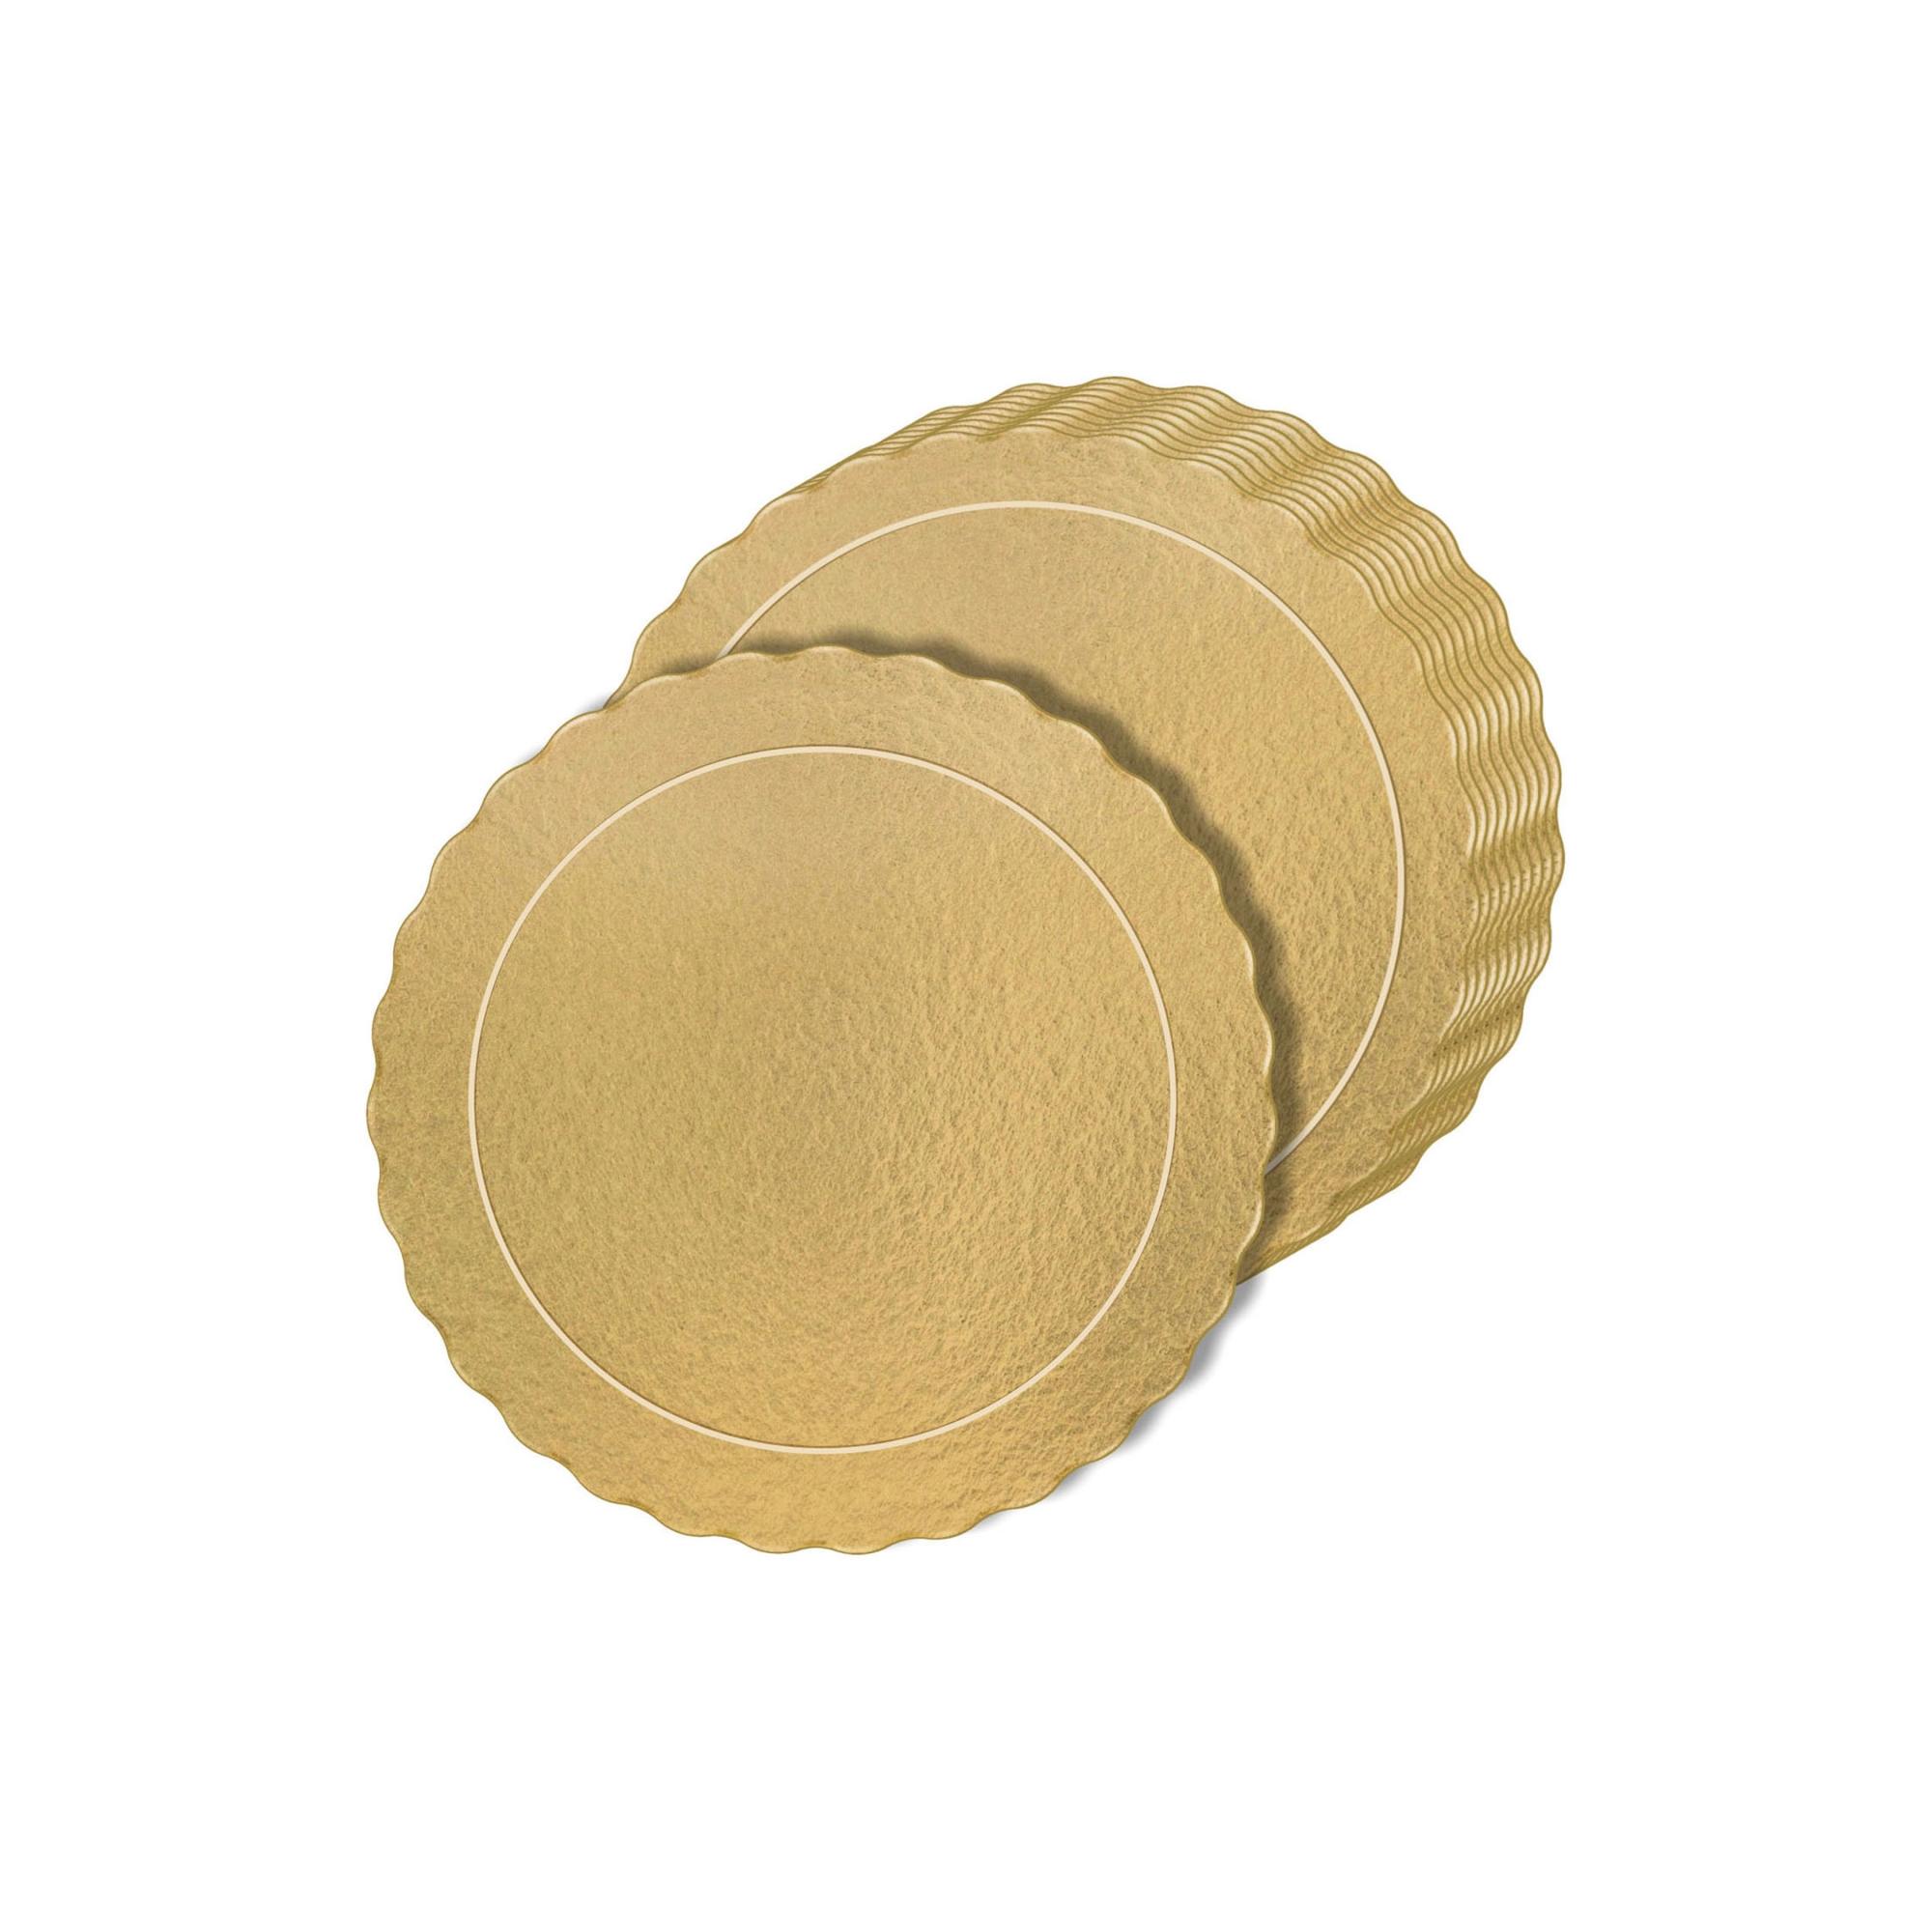 100 Bases Laminadas Para Bolo Redondo, Cake Board 26cm - Ouro